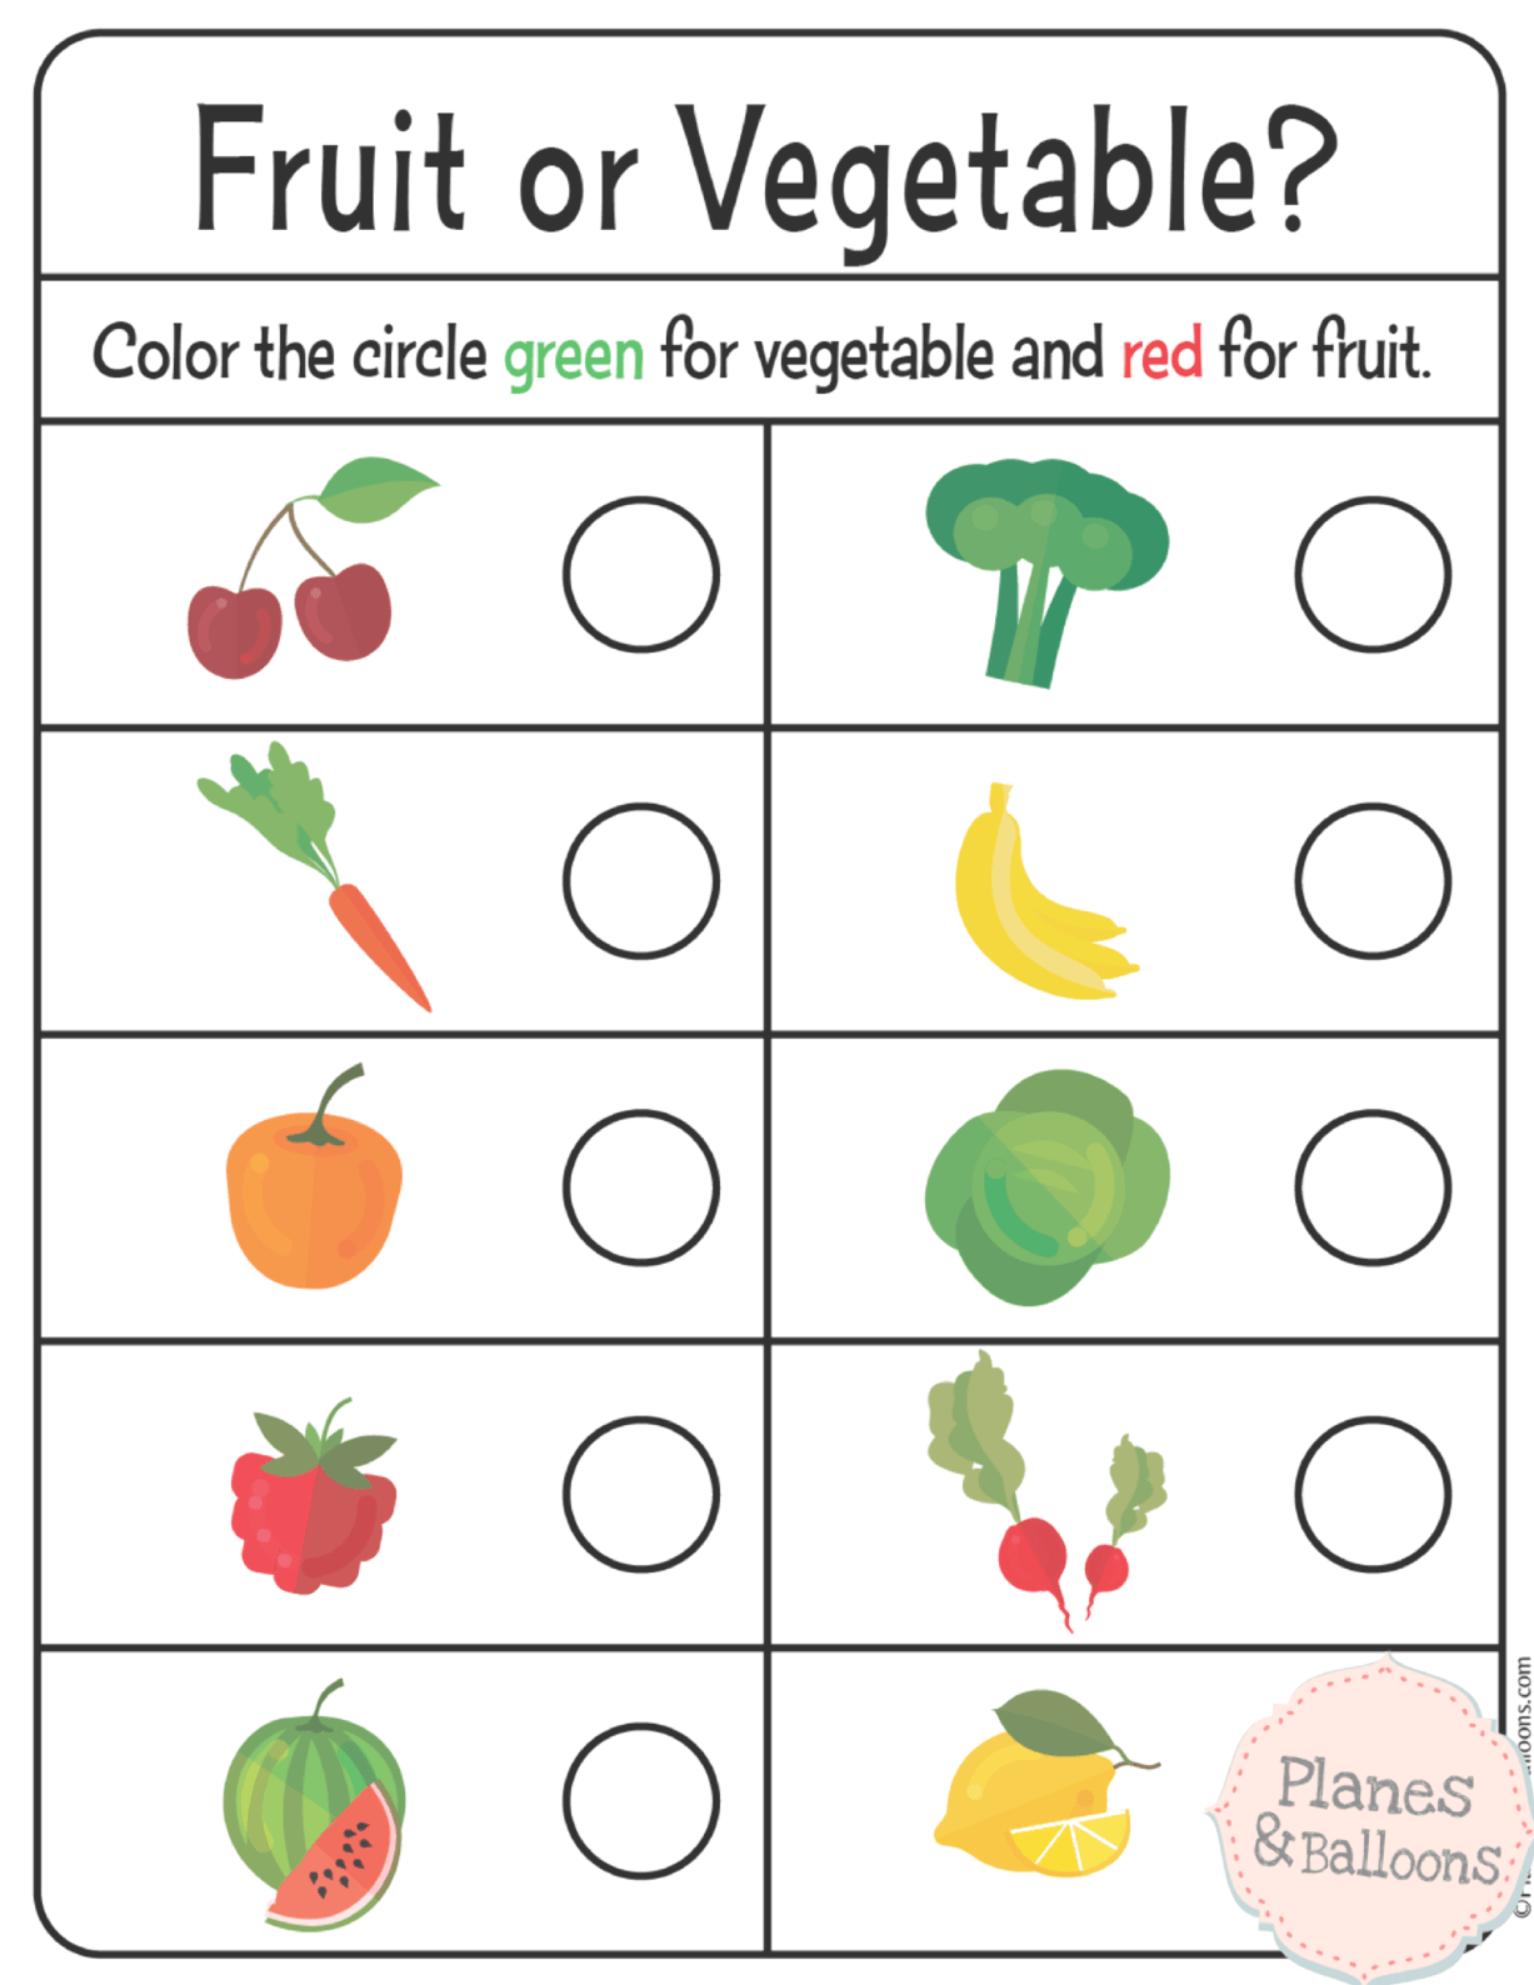 Fun Sorting Worksheets For Preschool And Kindergarten